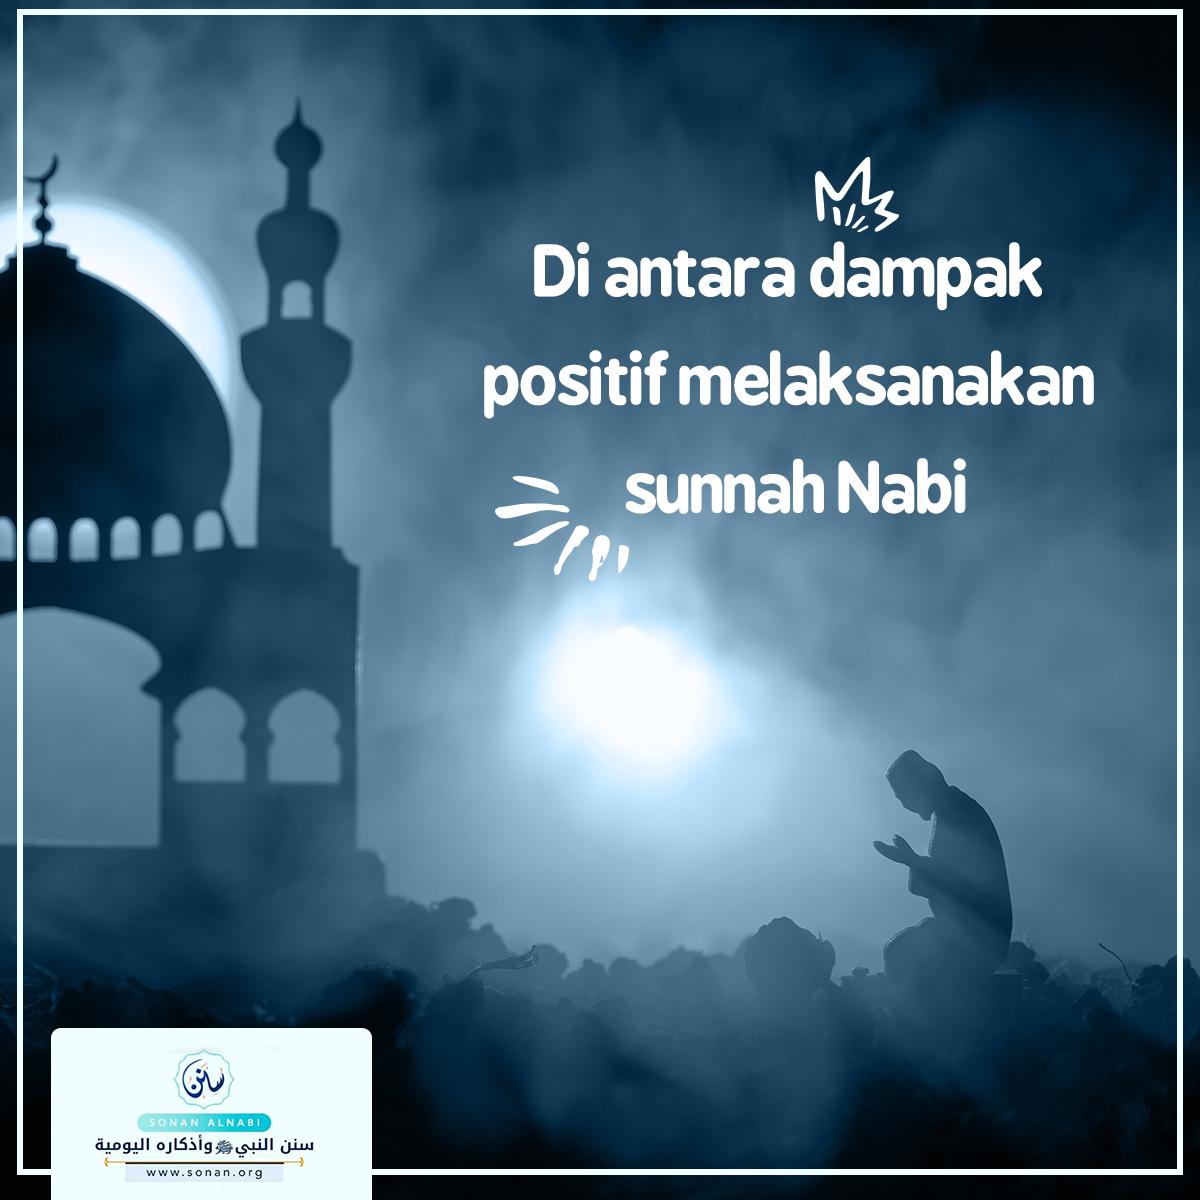 Di antara dampak positif melaksanakan sunnah Nabi